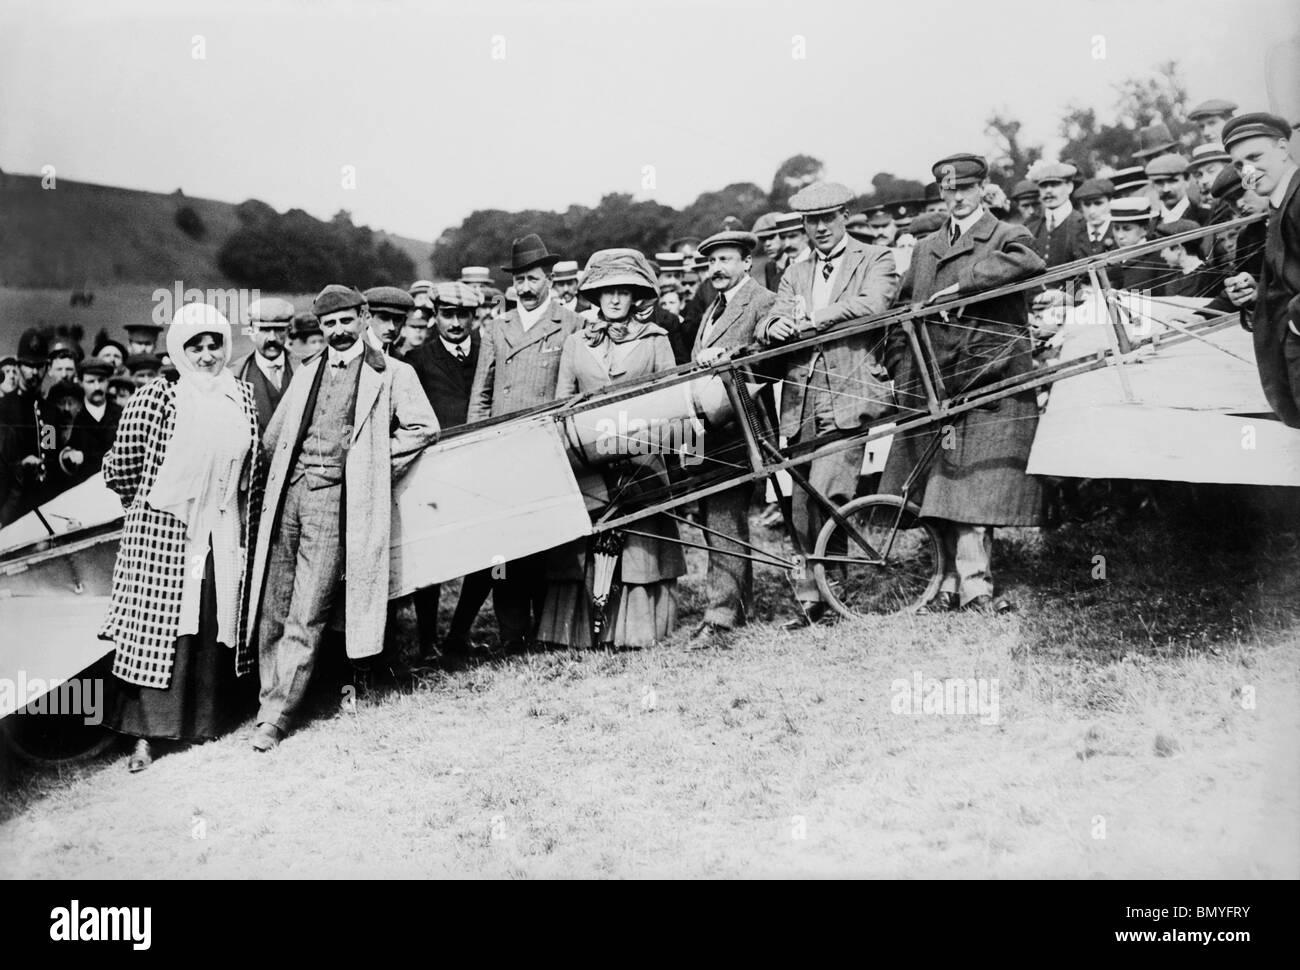 L'aviateur Louis Blériot (1872 - 1936) + femme devant son avion après son premier vol historique à travers la Manche Banque D'Images